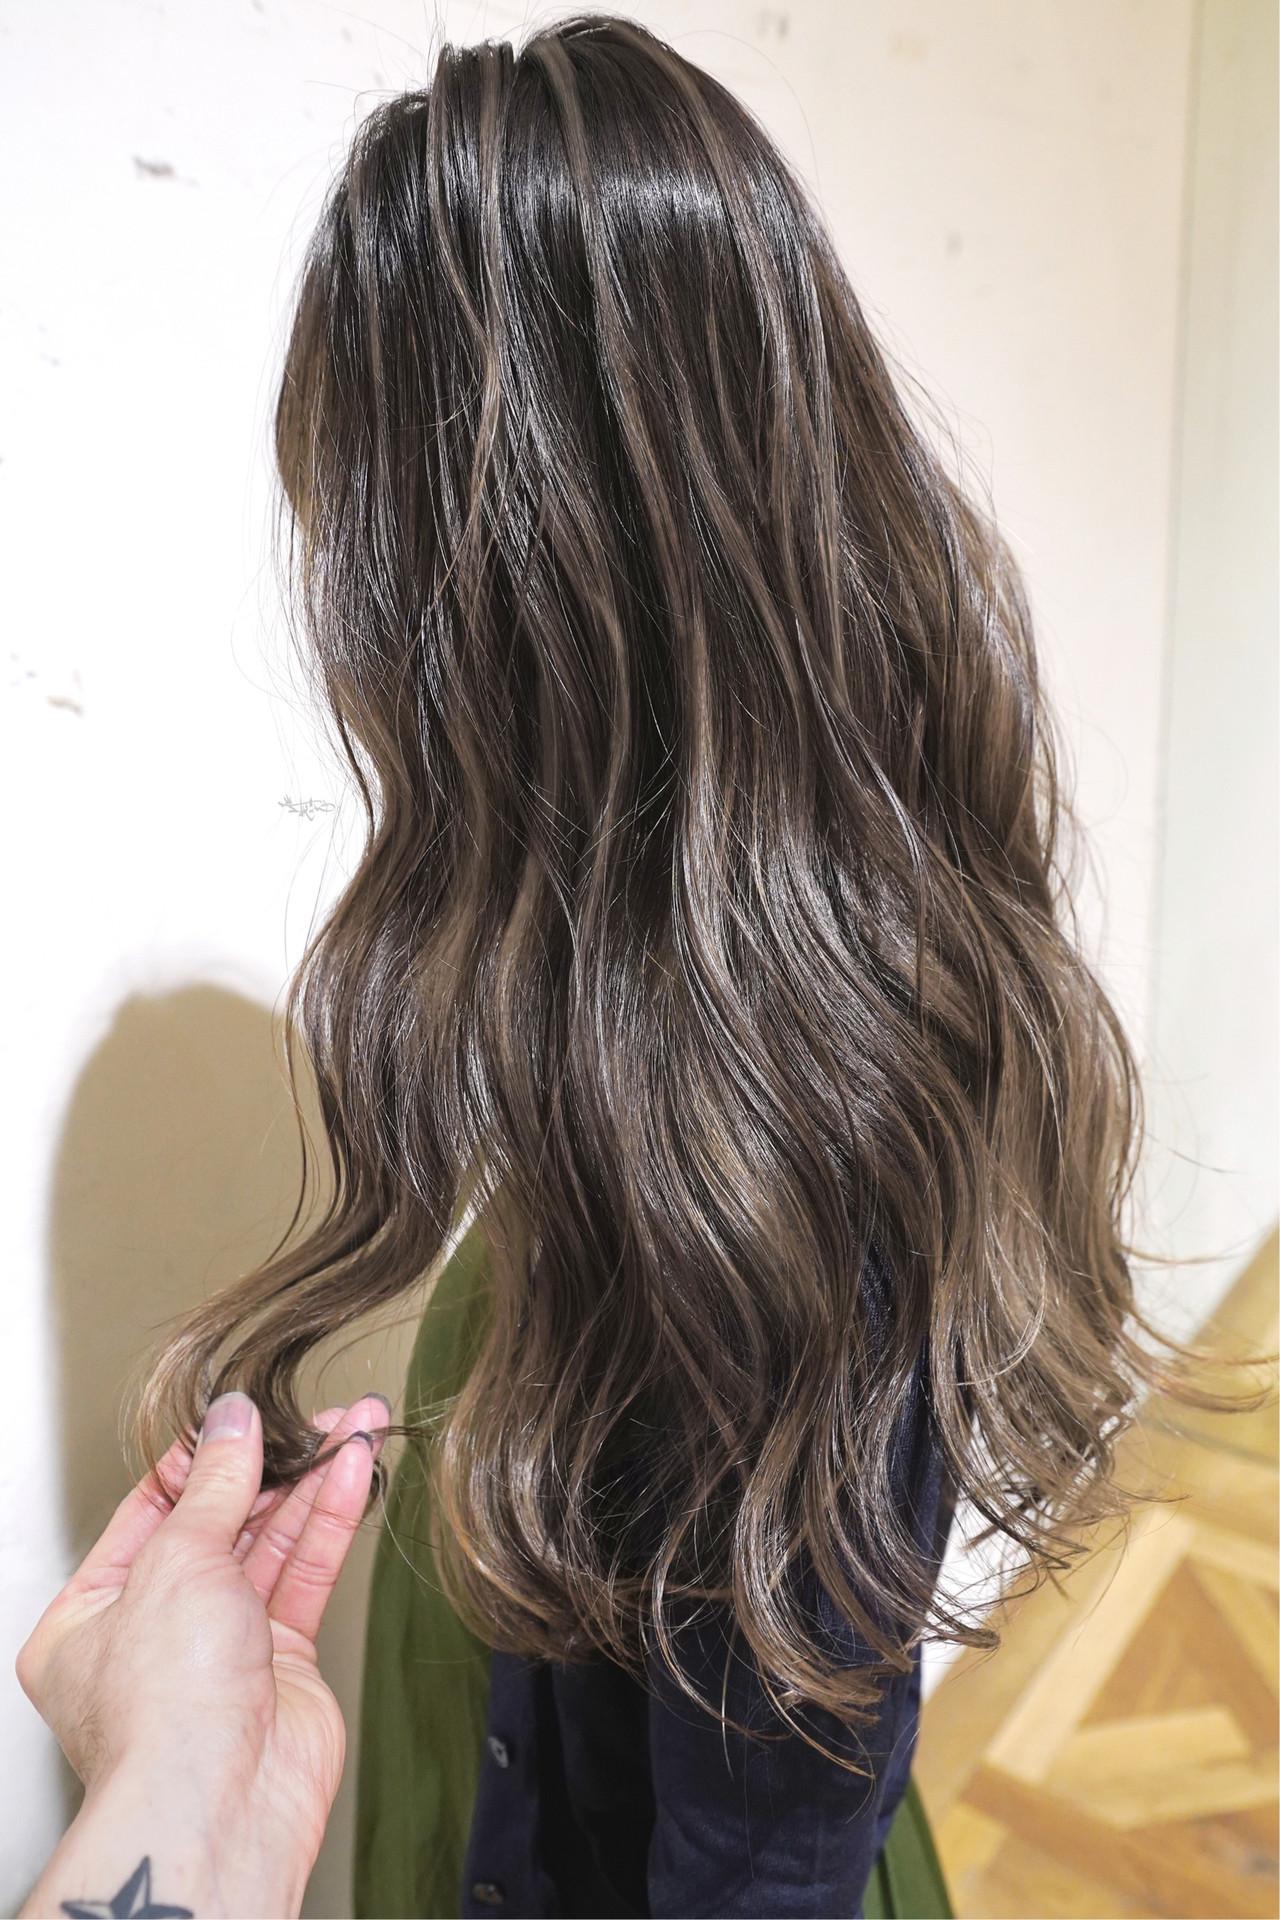 グレージュ バレイヤージュ ガーリー ハイライト ヘアスタイルや髪型の写真・画像